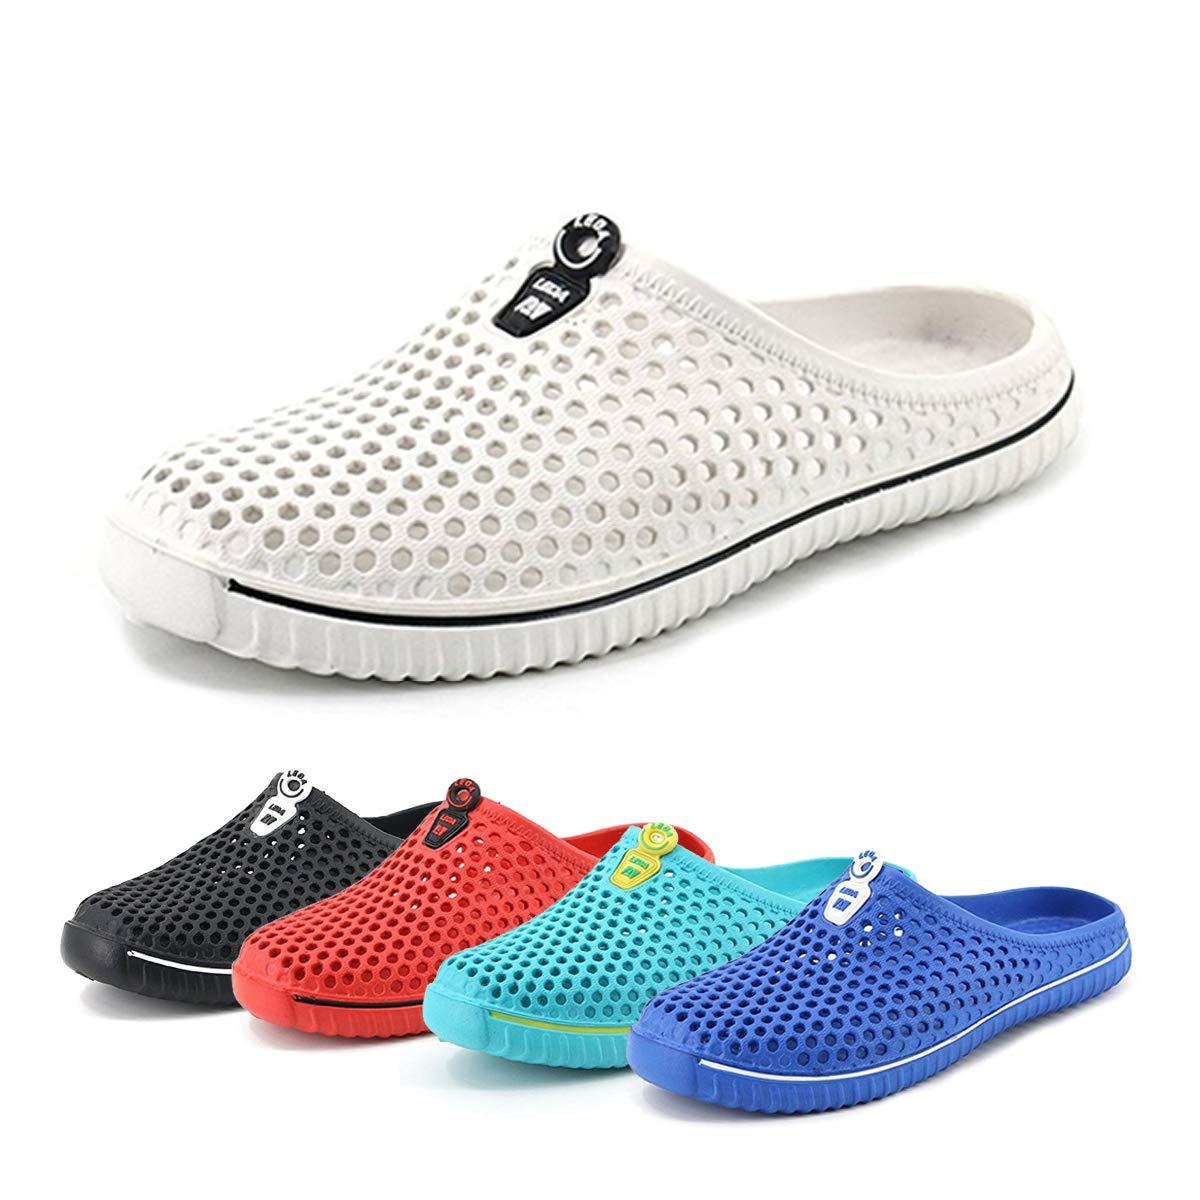 migliore qualità design di qualità grande sconto gracosy Uomo Pantofole Scarpe Traspirante Estivi Sandali Infradito ...